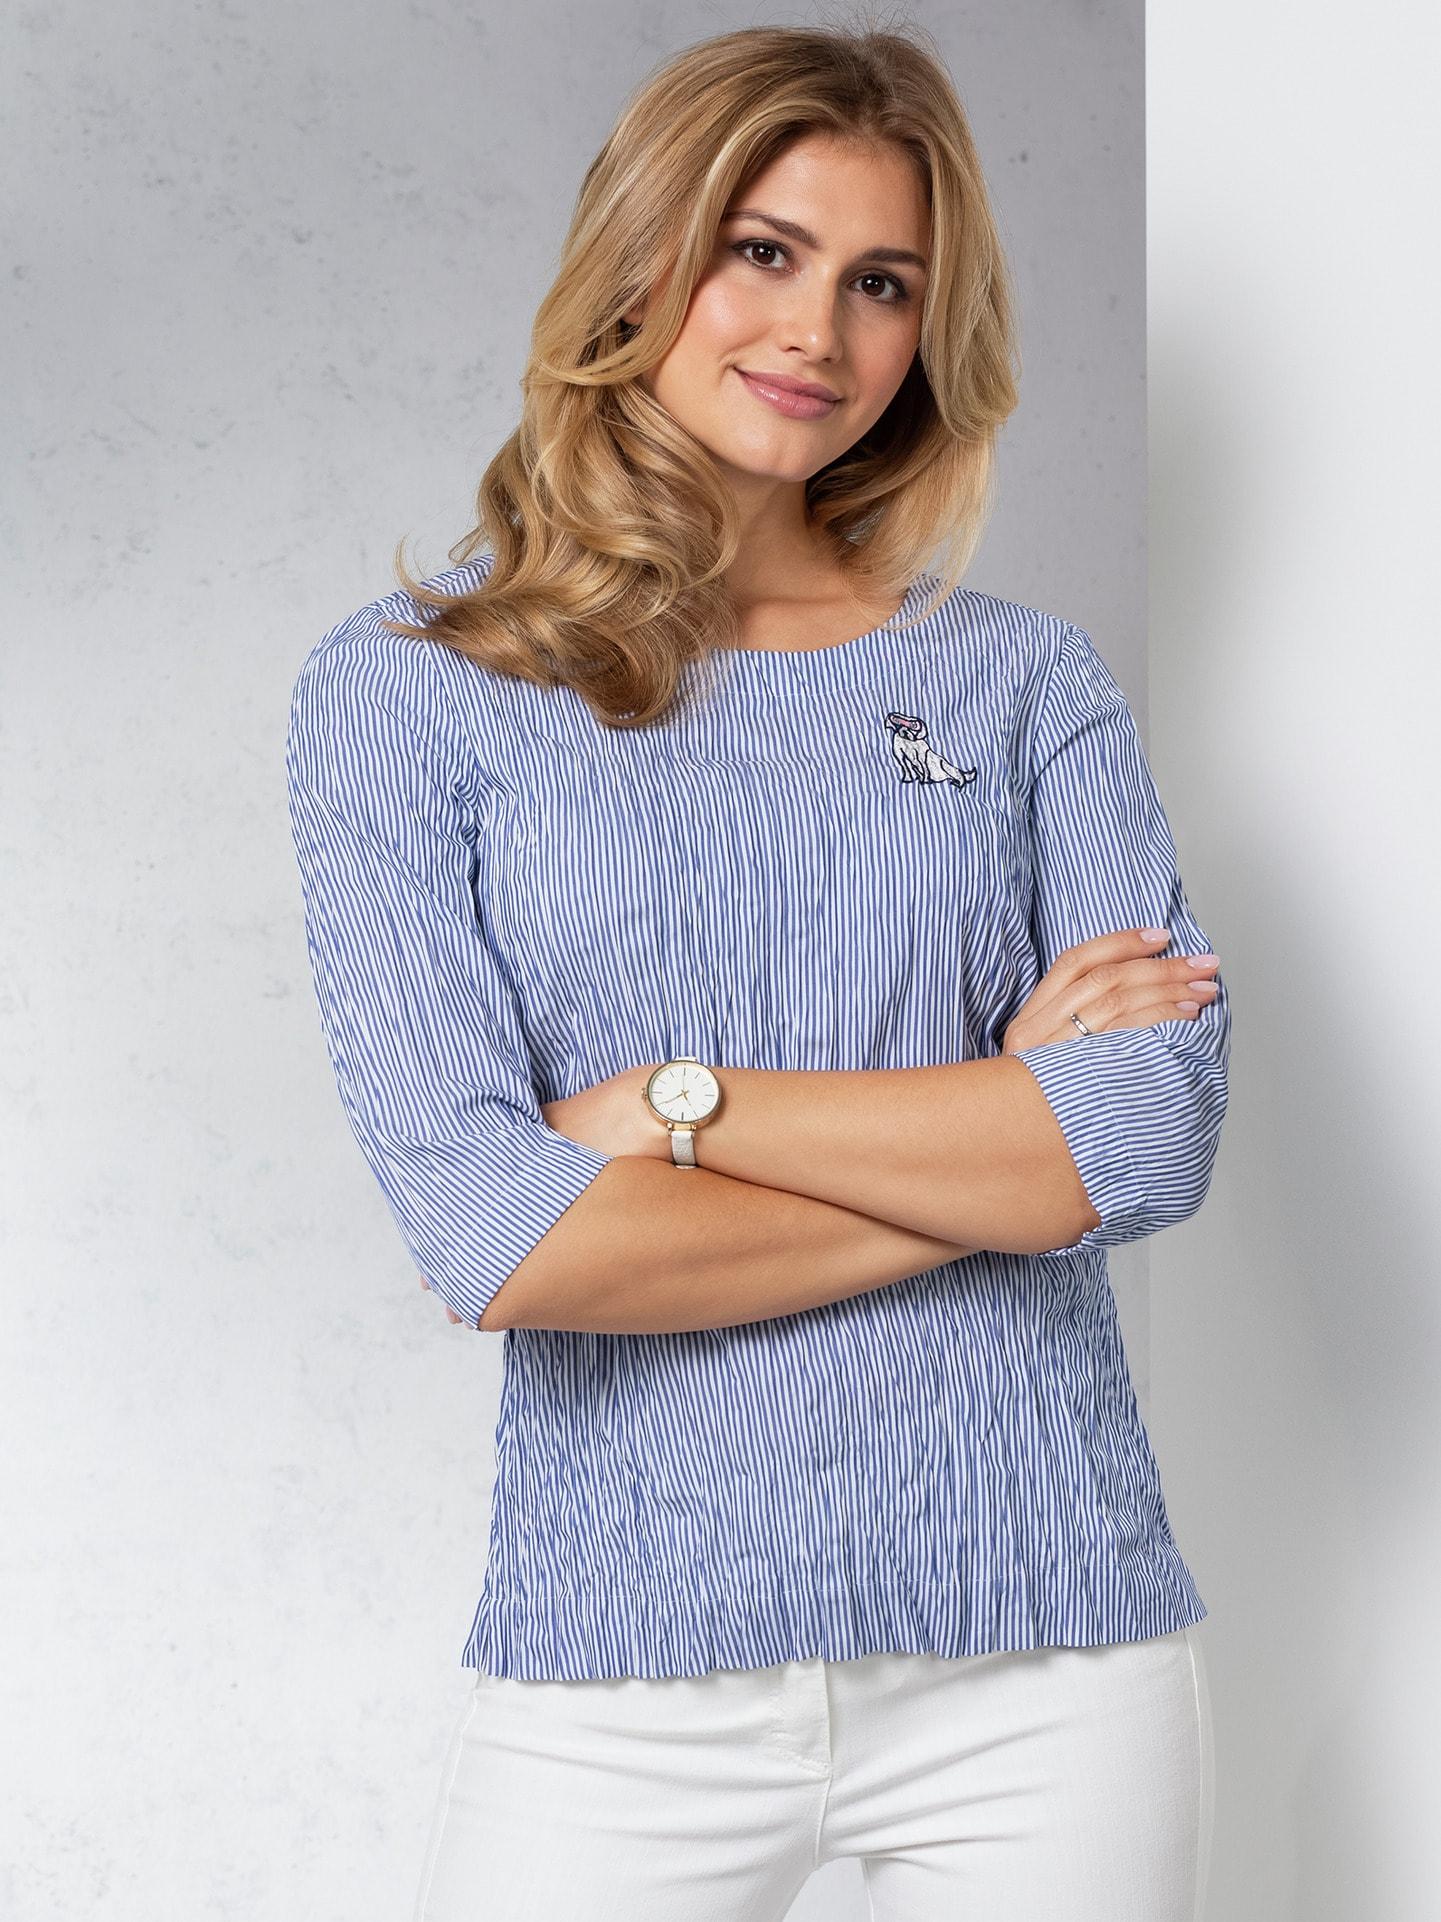 Walbusch Damen Blusenshirt normale Größen Blau gestreift 36, 38, 40, 42, 44, 46, 48, 50, 52 51-1534-3_MV36608